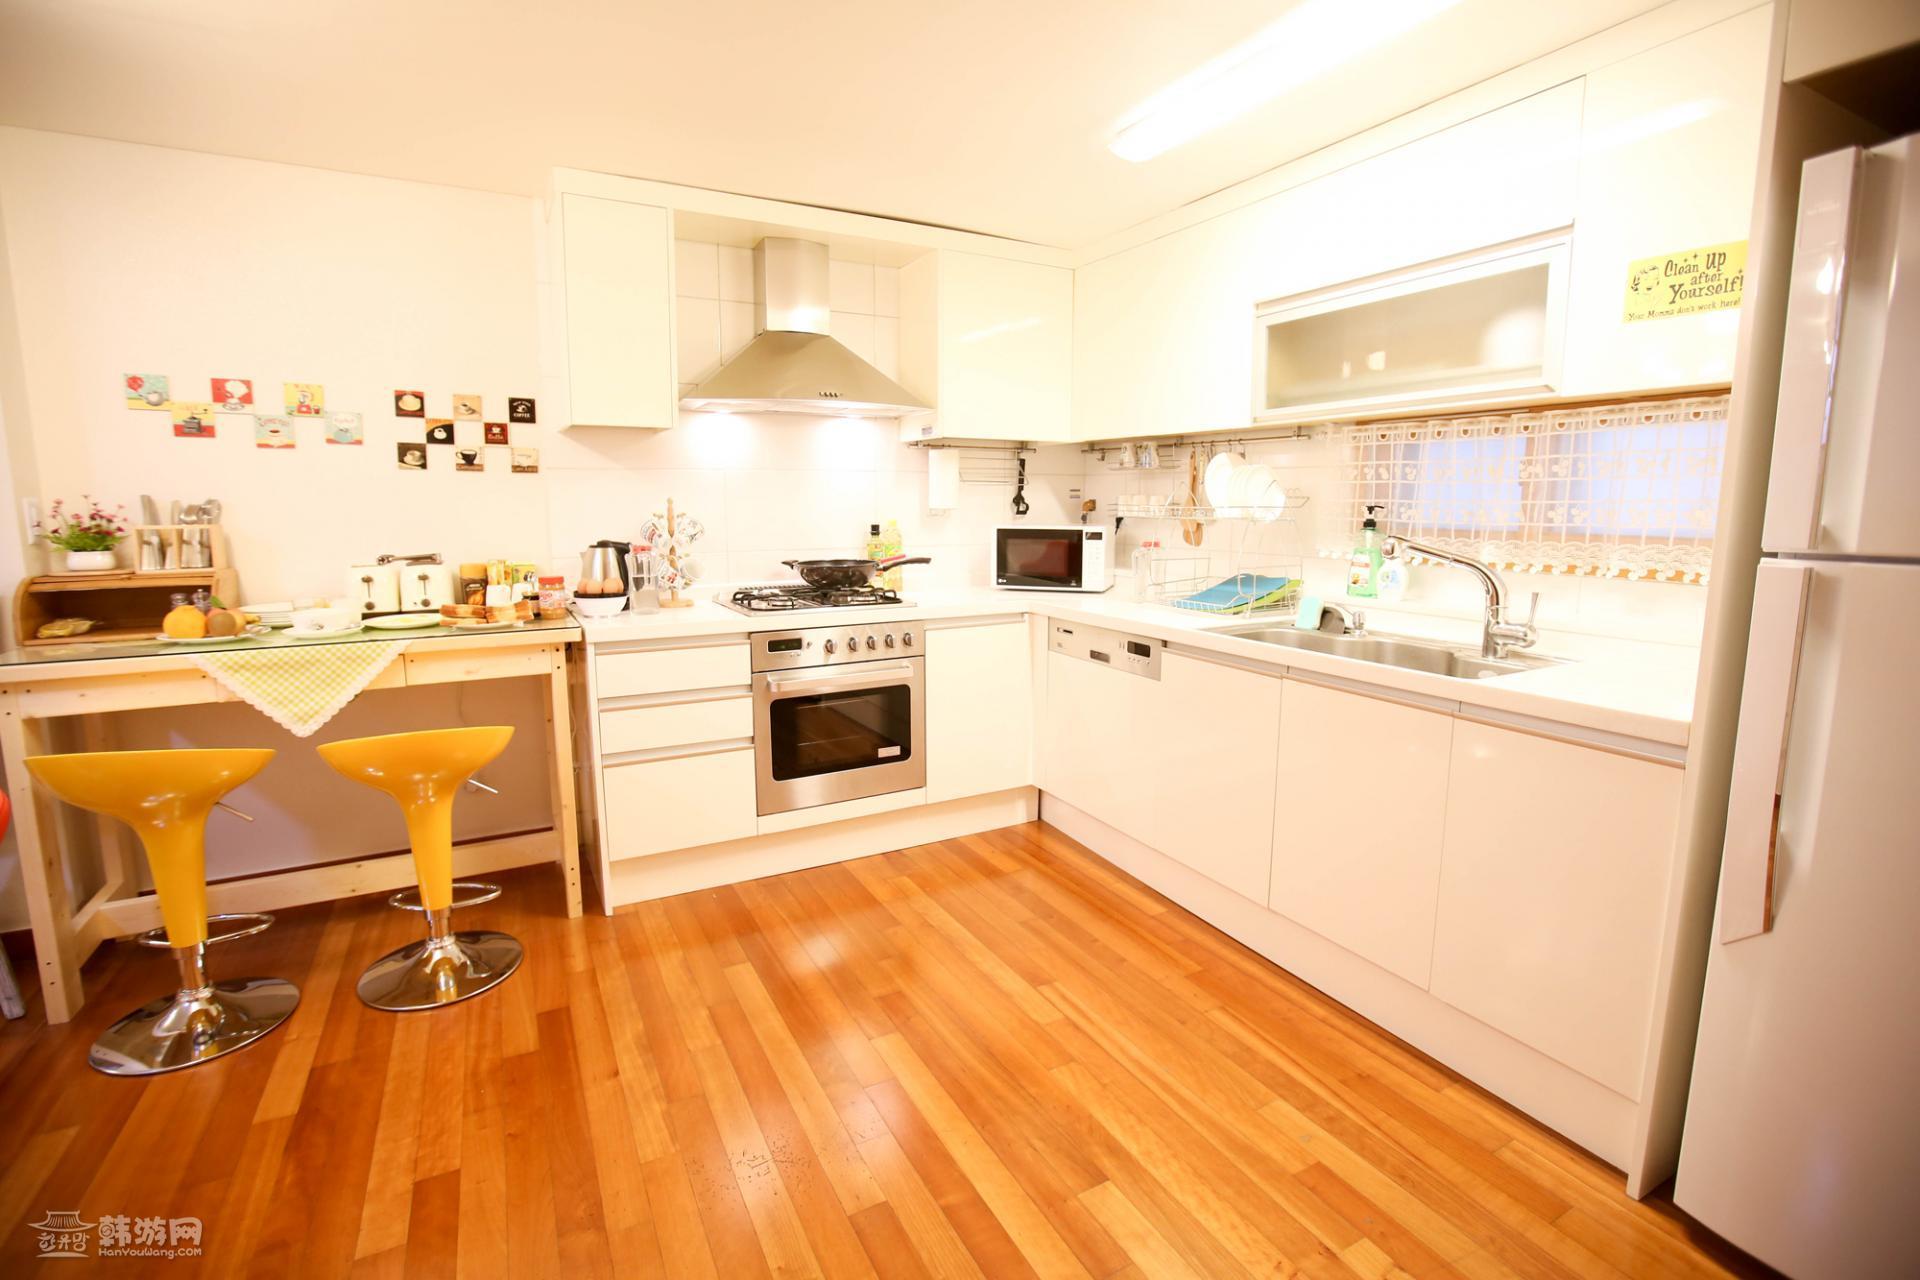 设计图分享 商品房4房设计图 > 民宿厨房设计图  民宿厨房设计图 宽70